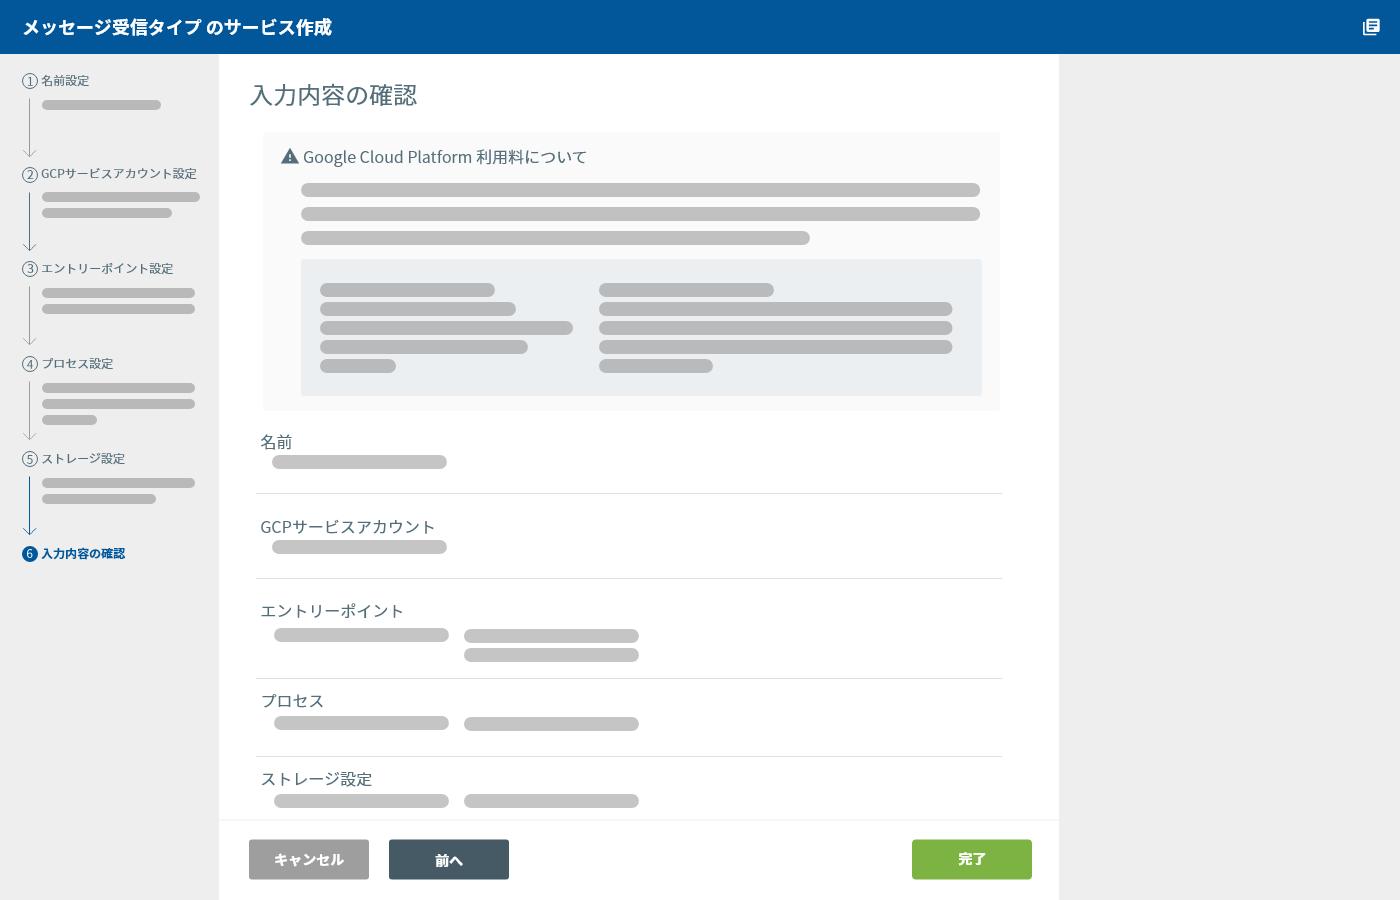 データバケット(メッセージ受信)入力内容の確認